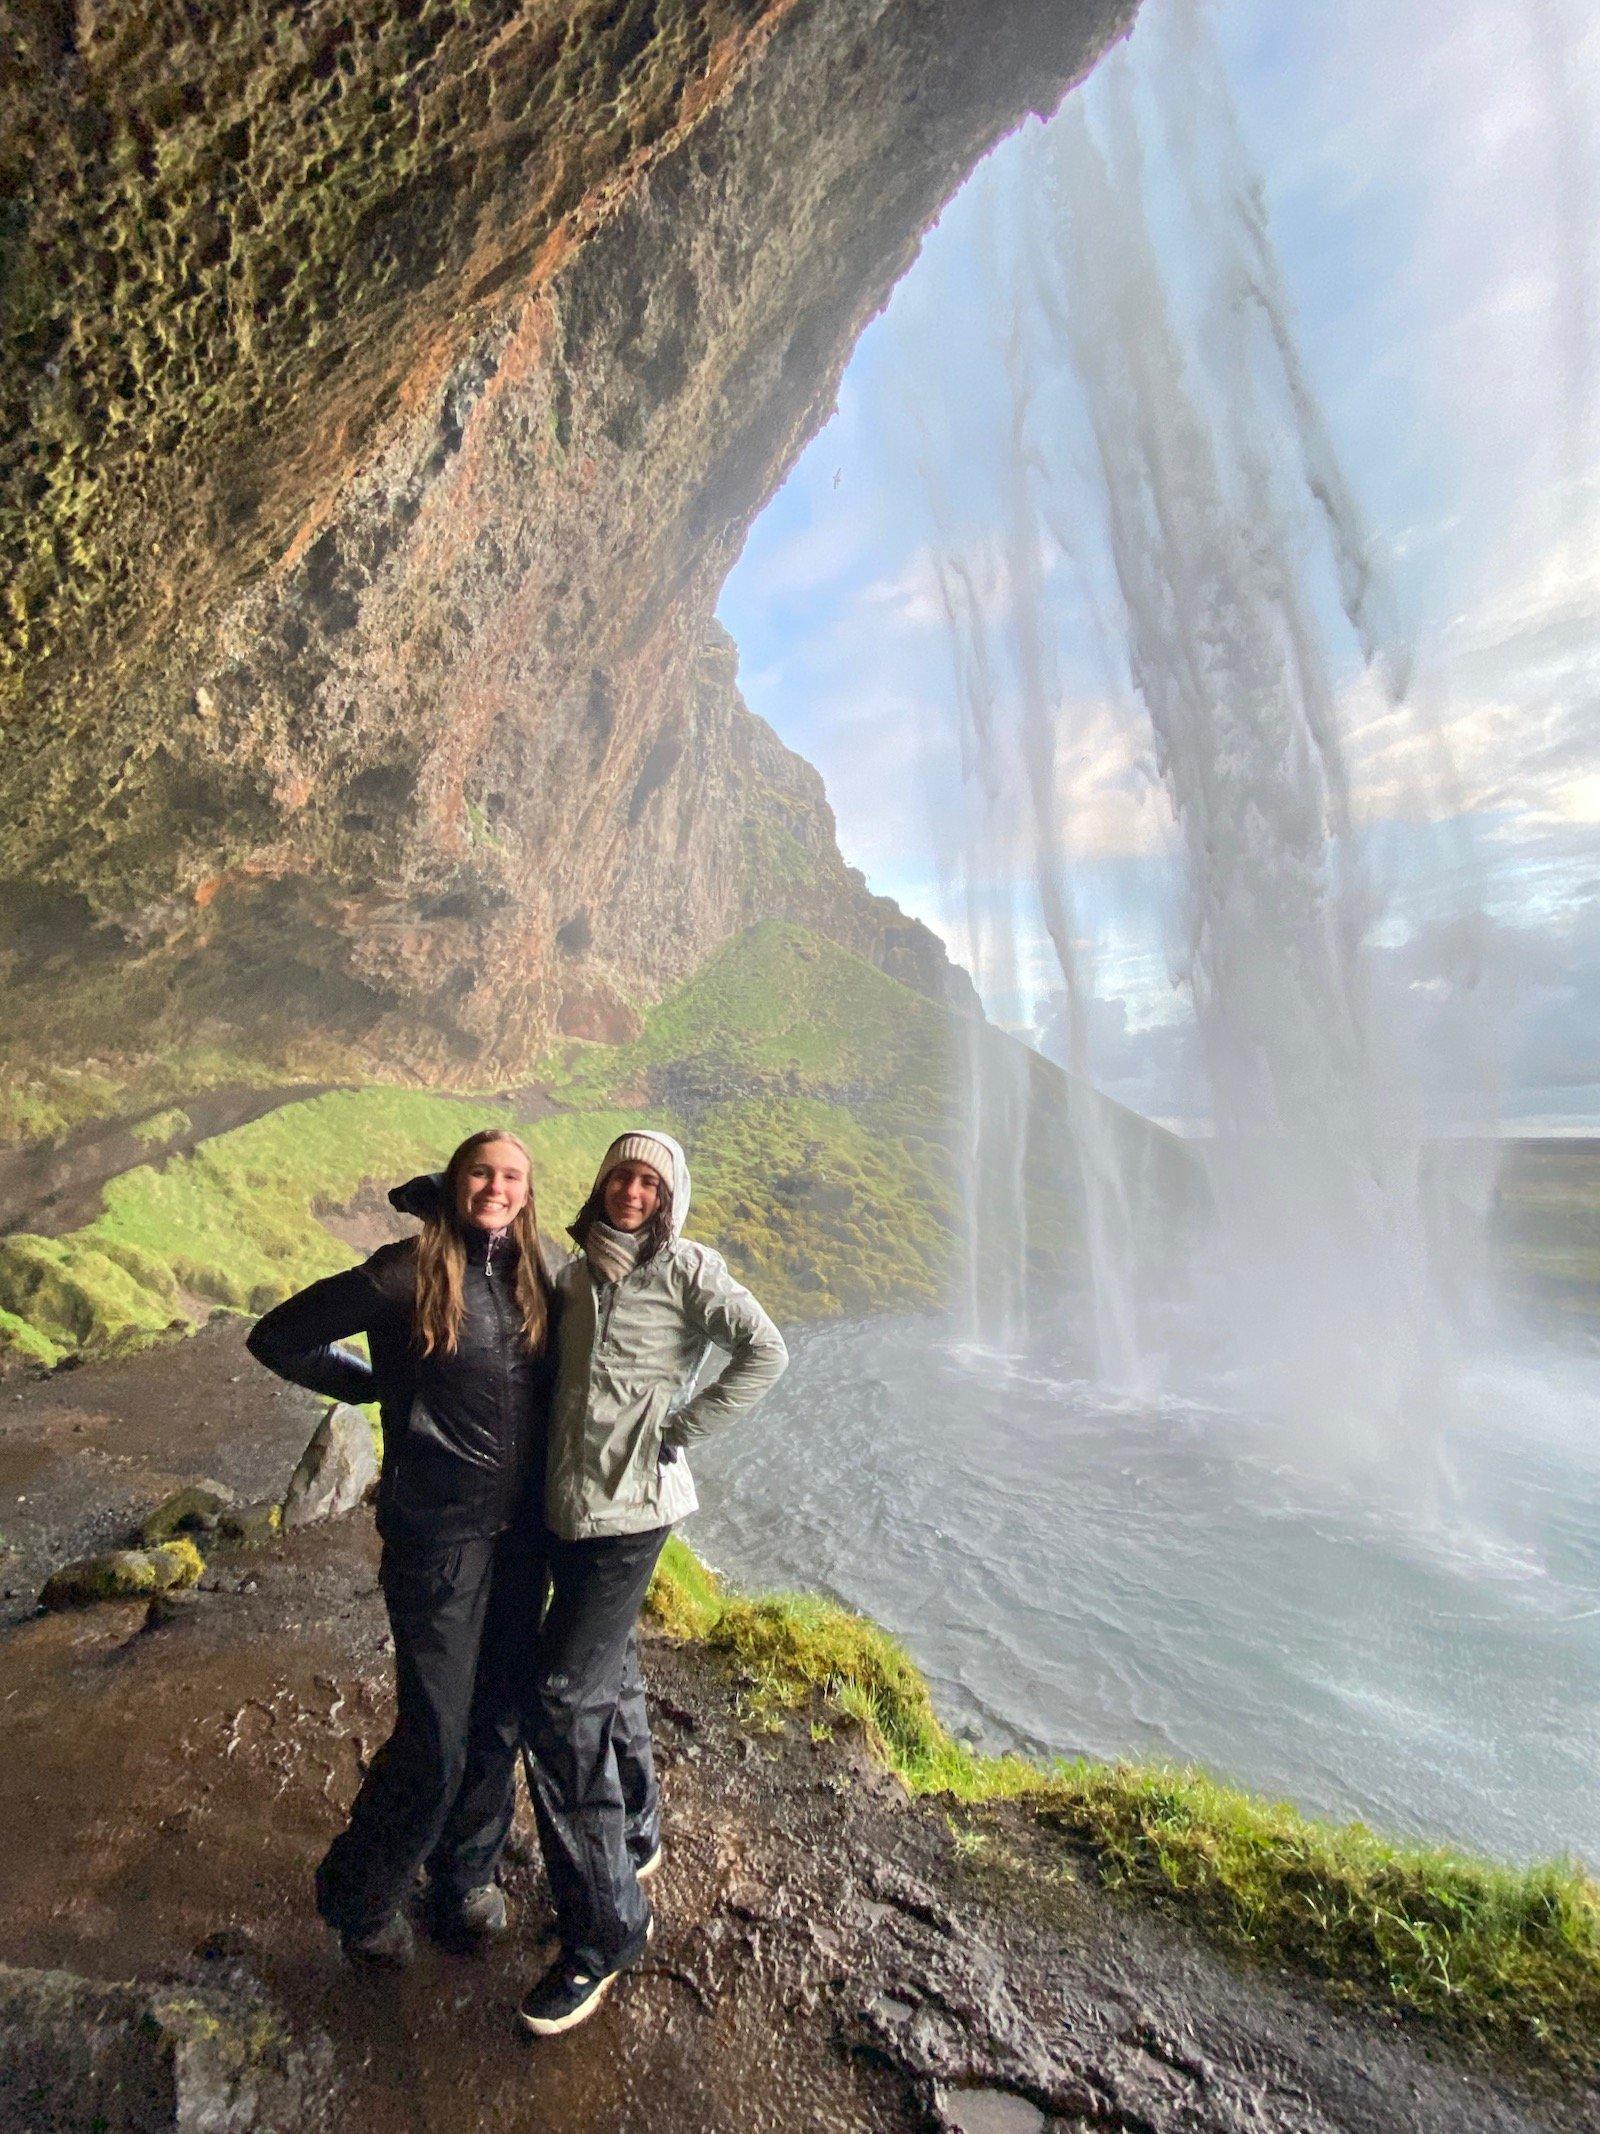 Sisters posing at Seljalandsfoss Falls near Vik in Iceland.